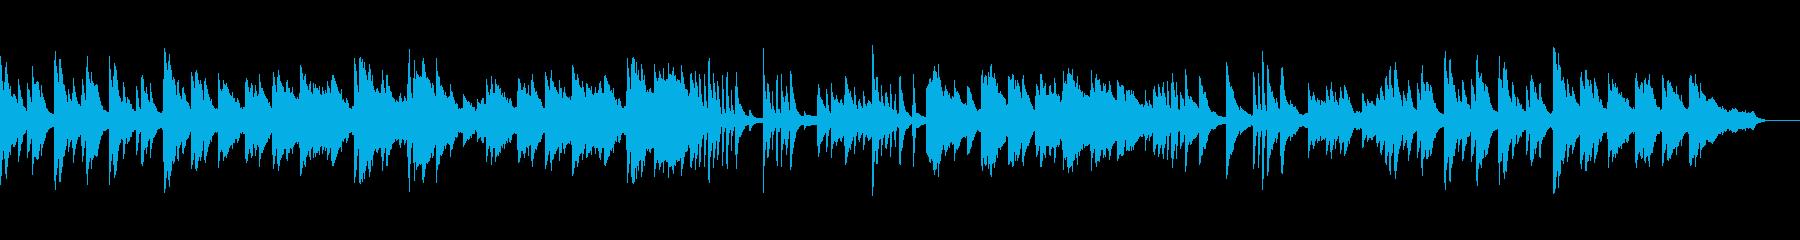 憂いのあるピアノソロ曲の再生済みの波形